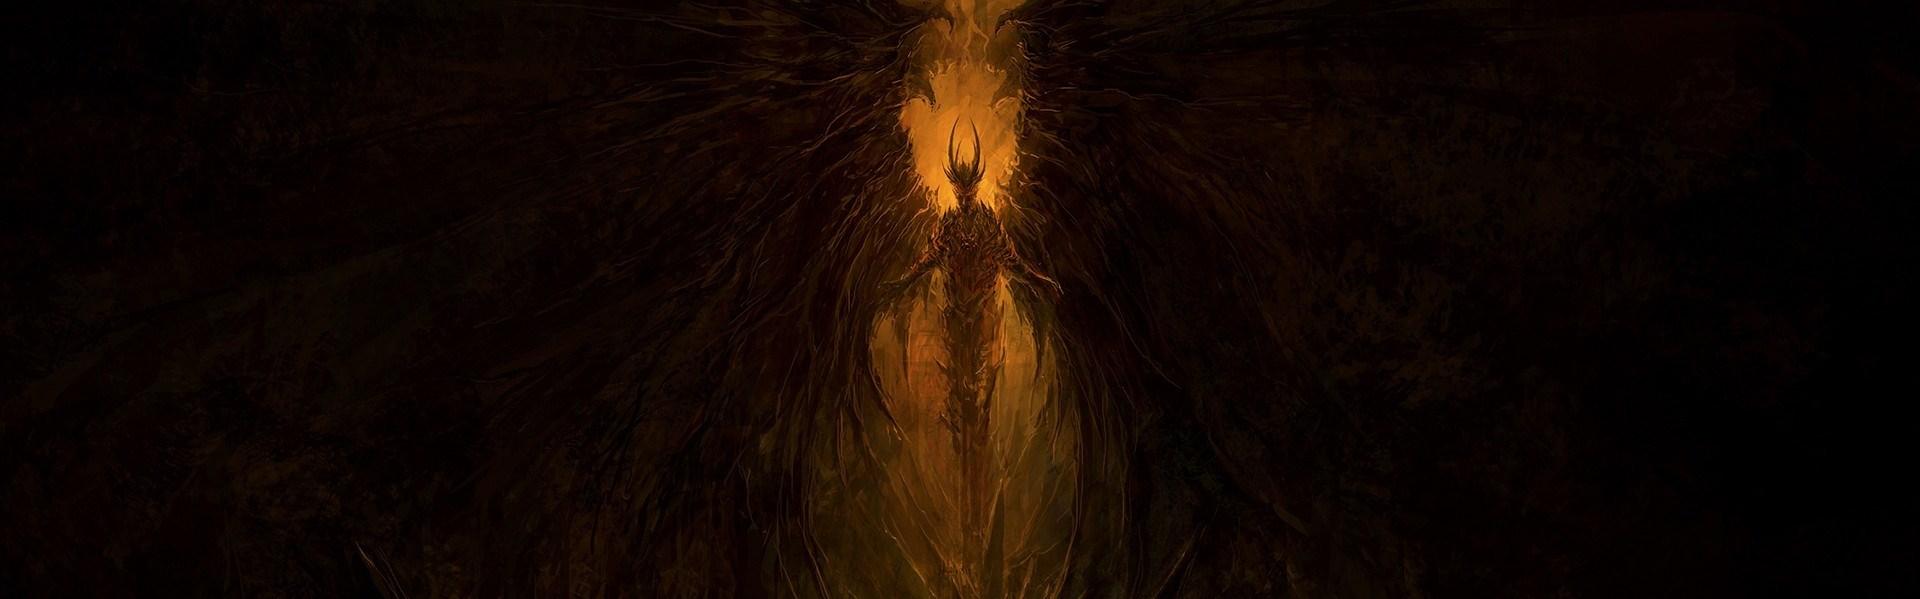 La lámpara de Dios y el soplo de satán.mp3